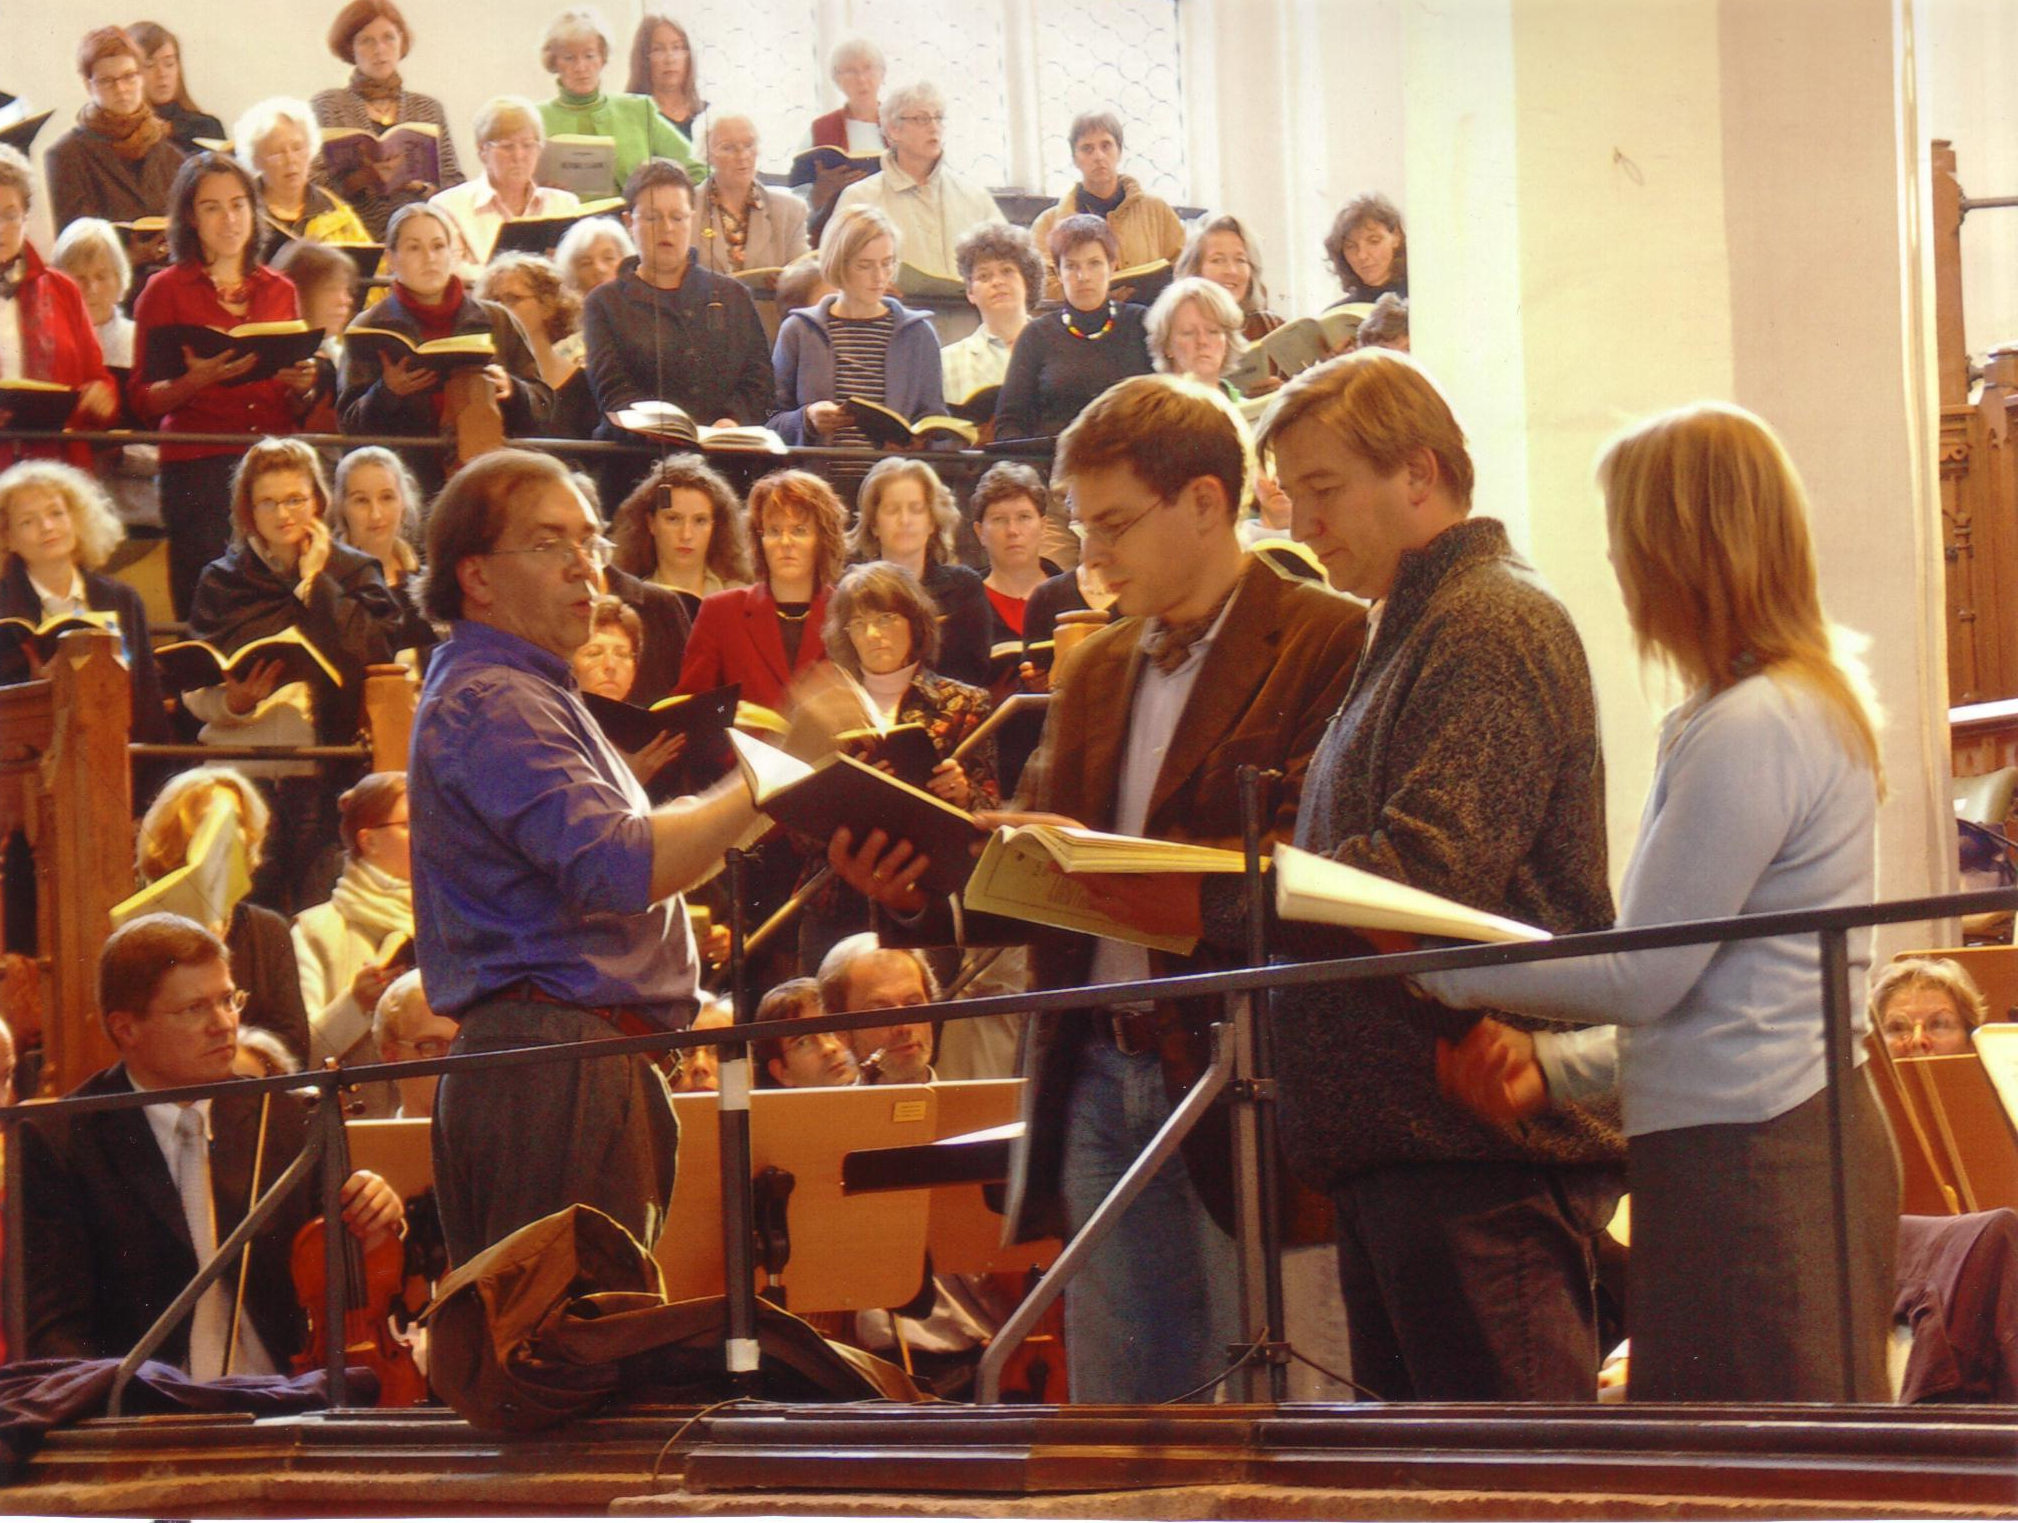 Probe zum Paulus in der Thomaskirche mit R. Klepper, C. Bieber und H. Müller-Brachmann sowie dem Gewandhaus-Orchester.